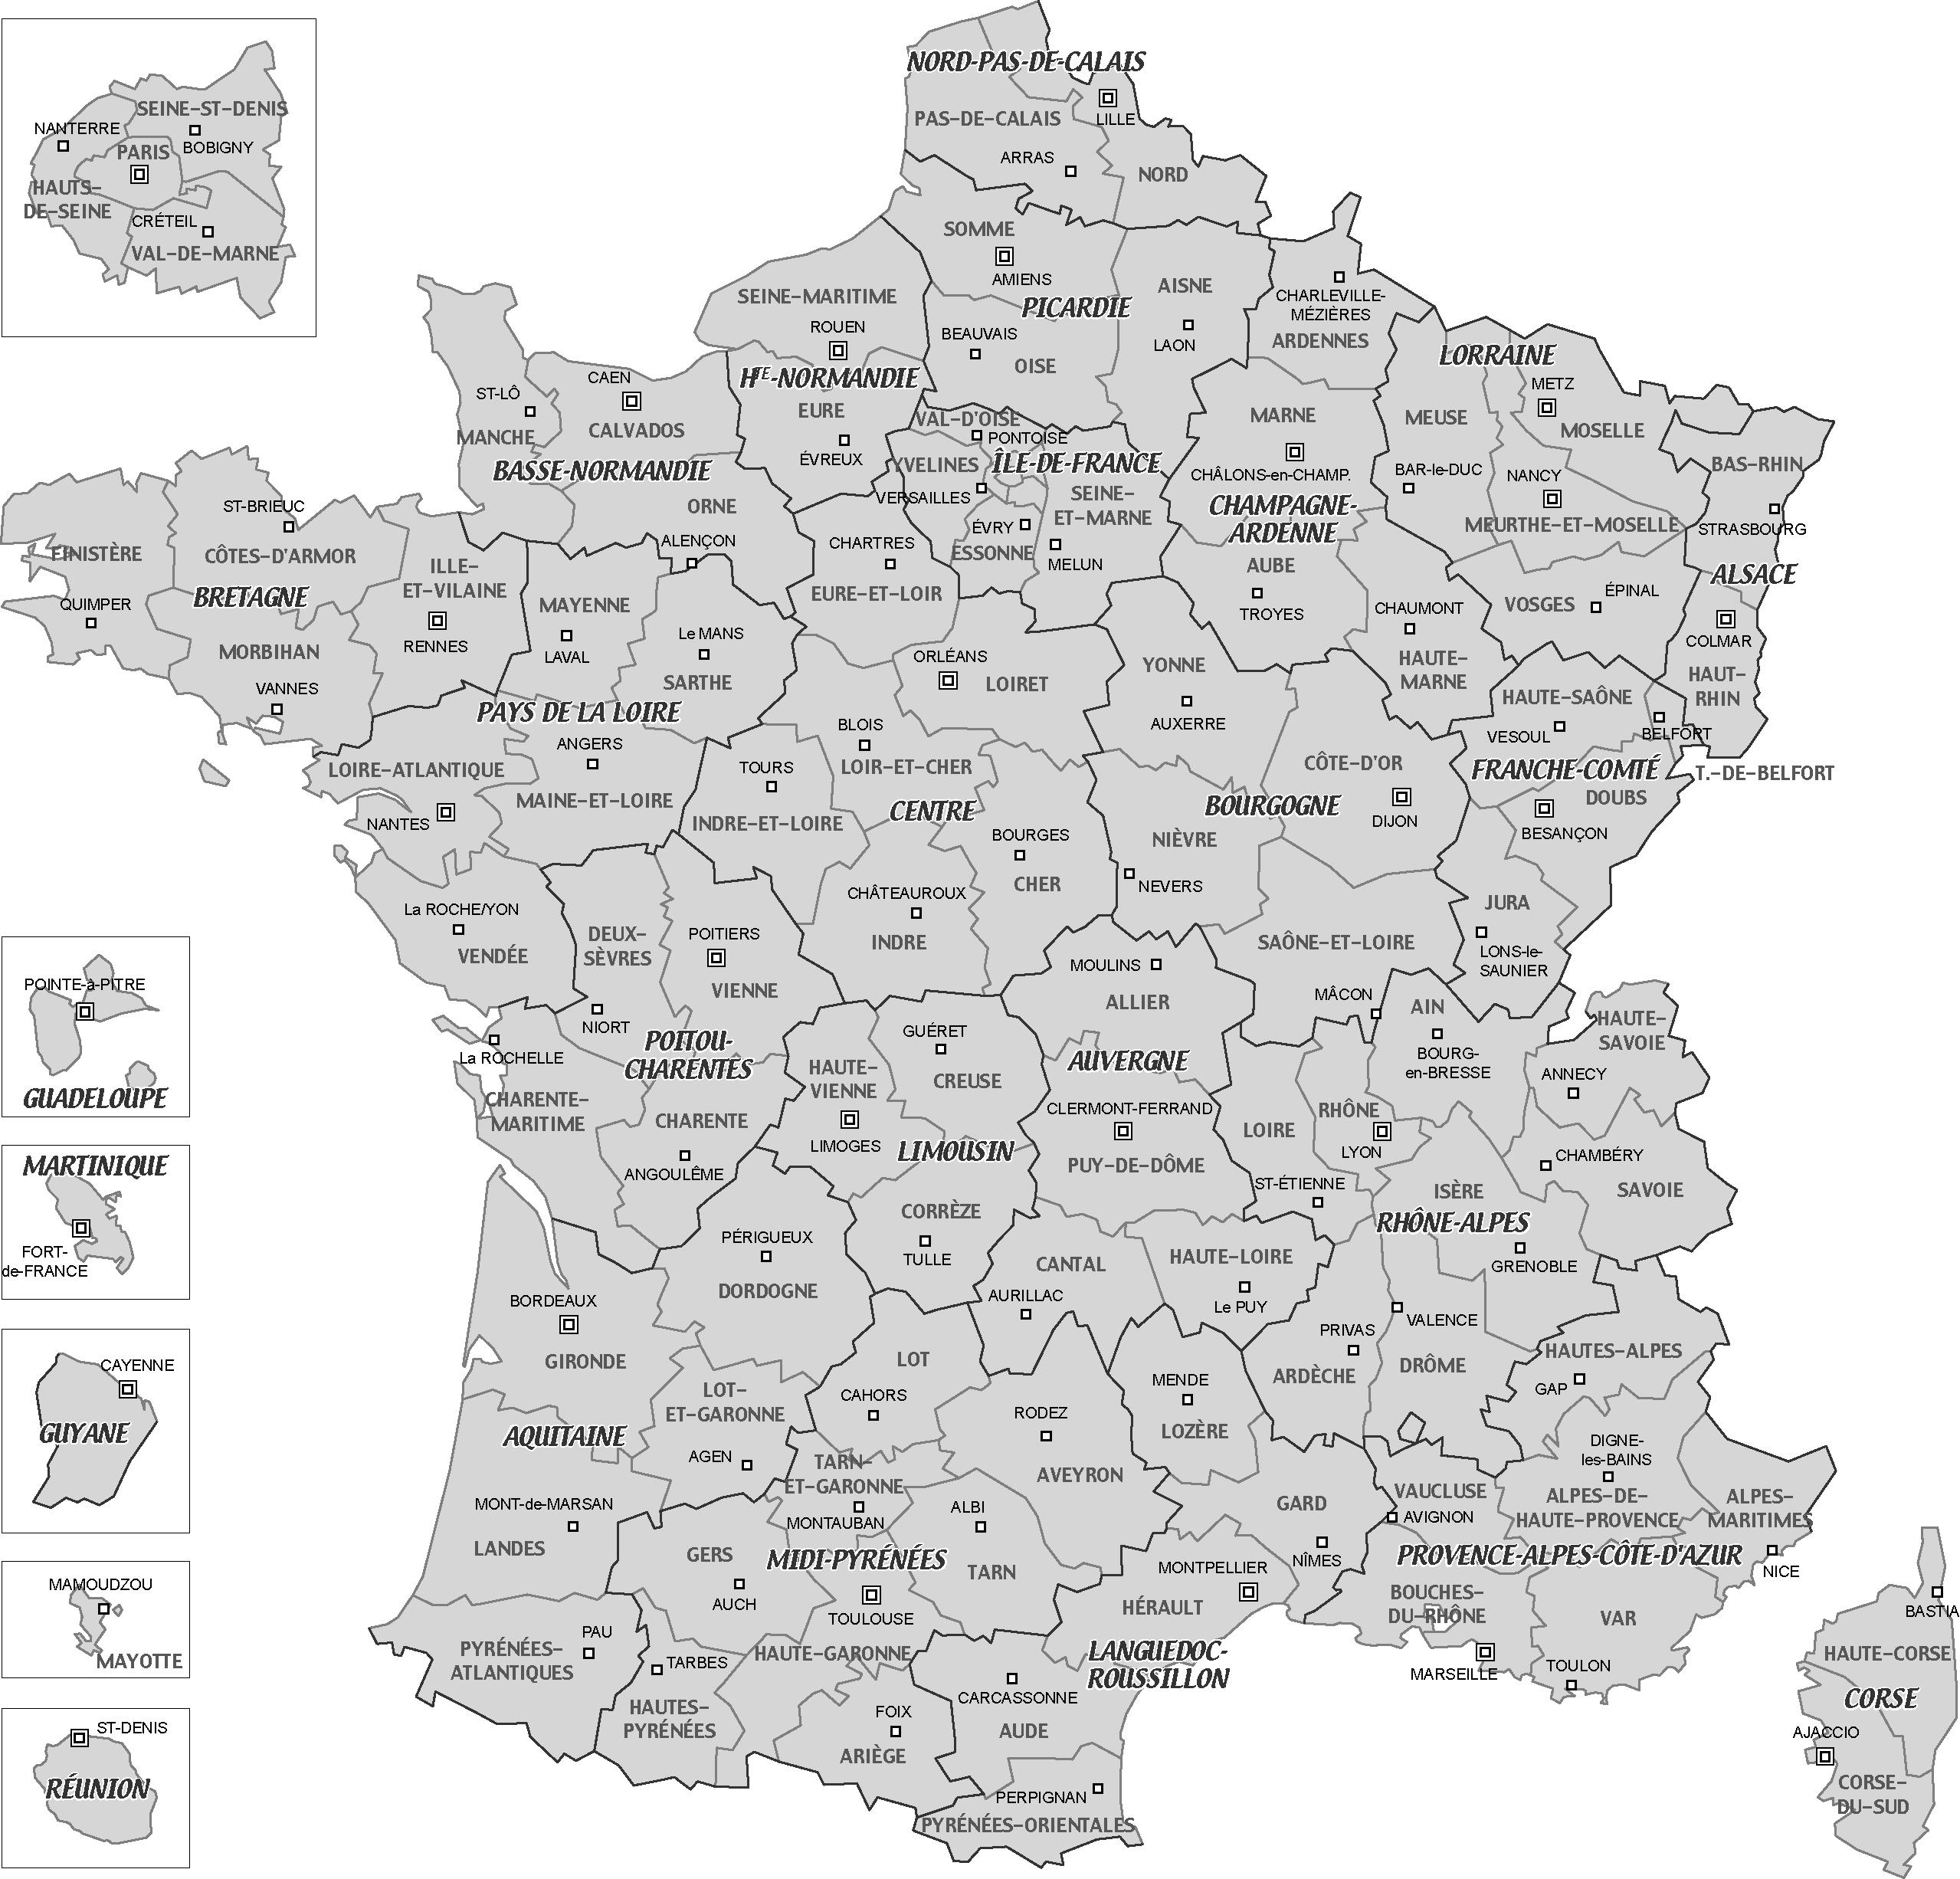 Cartes De France, Cartes Et Rmations Des Régions encequiconcerne Plan De La France Par Departement